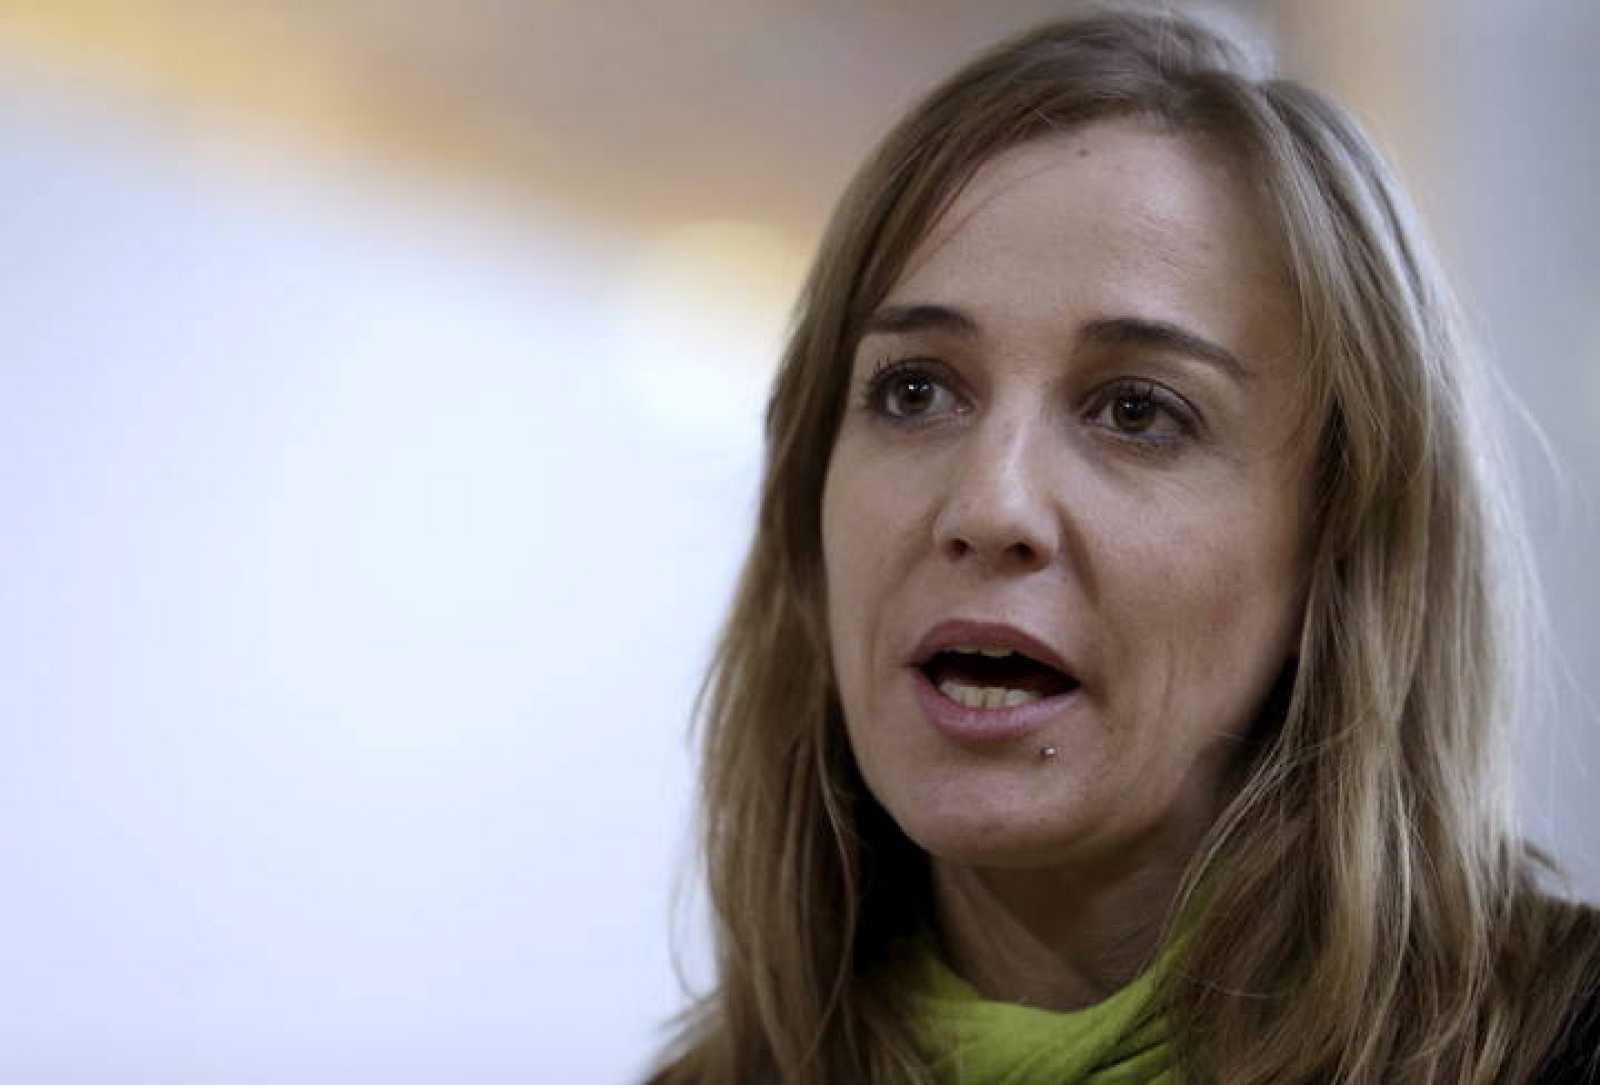 La exdiputada regional de IU, Tania Sánchez, durante un encuentro ciudadano para crear un referente político unitario en la Comunidad de Madrid.